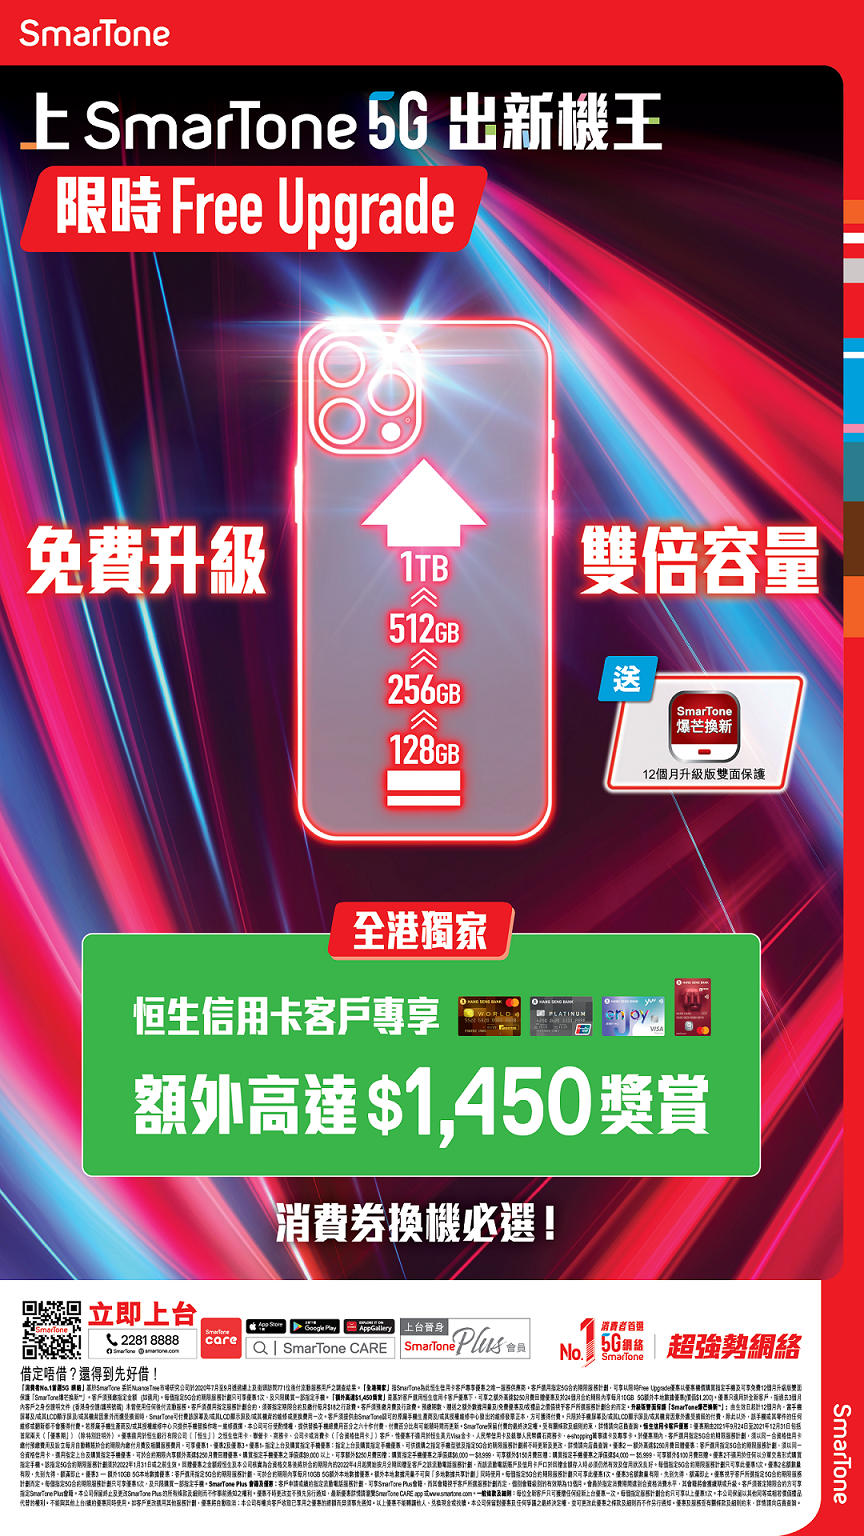 免費升級 iPhone 13 儲存容量!數碼通新 5G 無限上網計劃 低至 $179